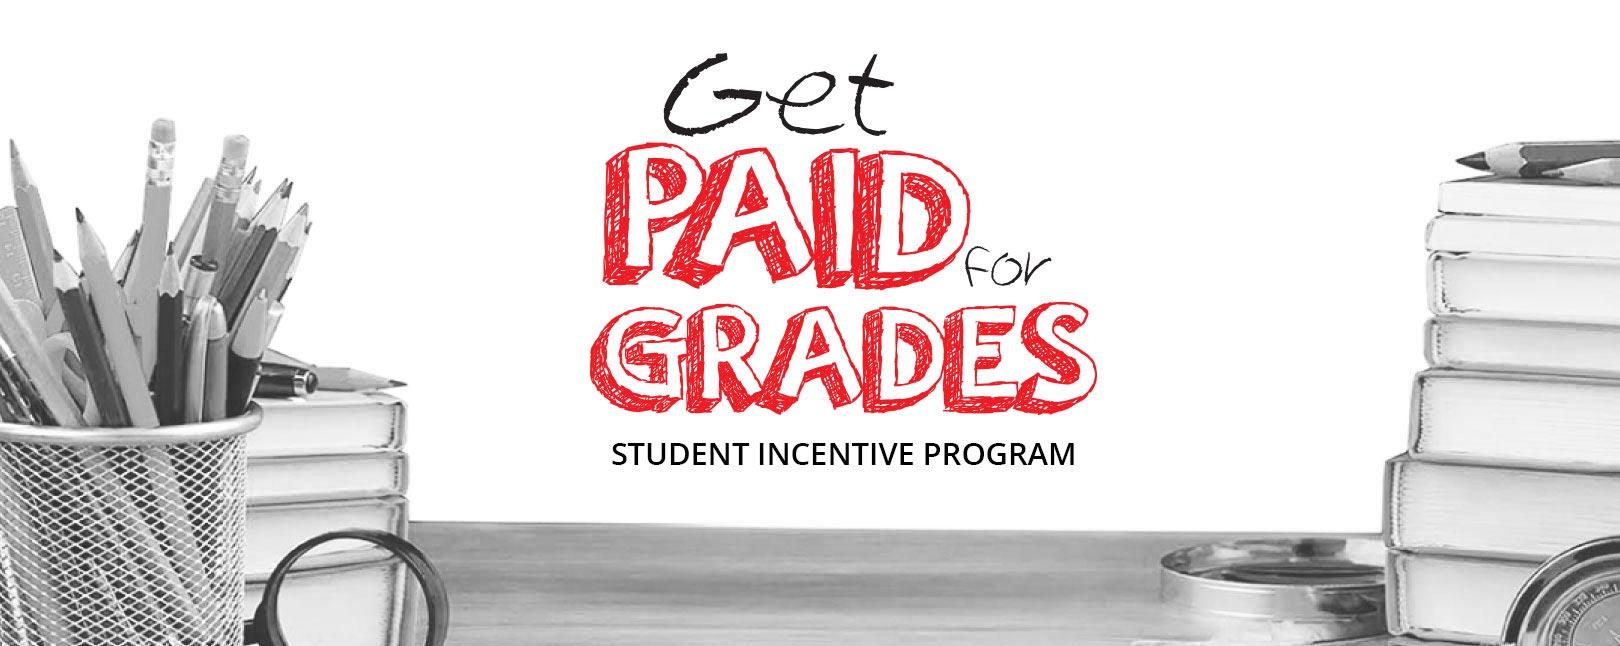 Chargebacks911® Sponsors Local Education Initiative